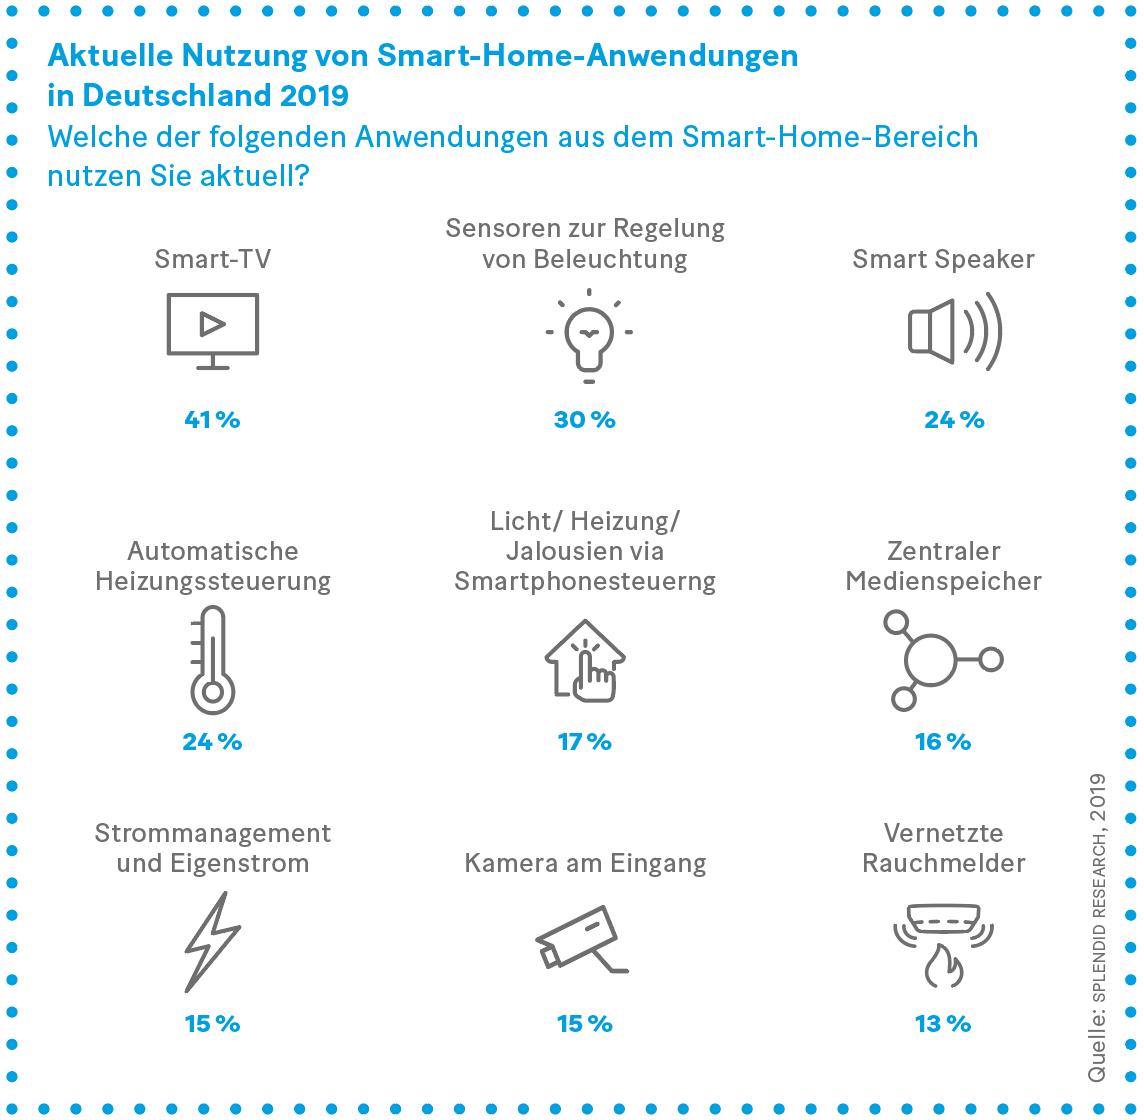 Grafik: Aktuelle Nutzung von Smart-Home-Anwendungen  in Deutschland 2019